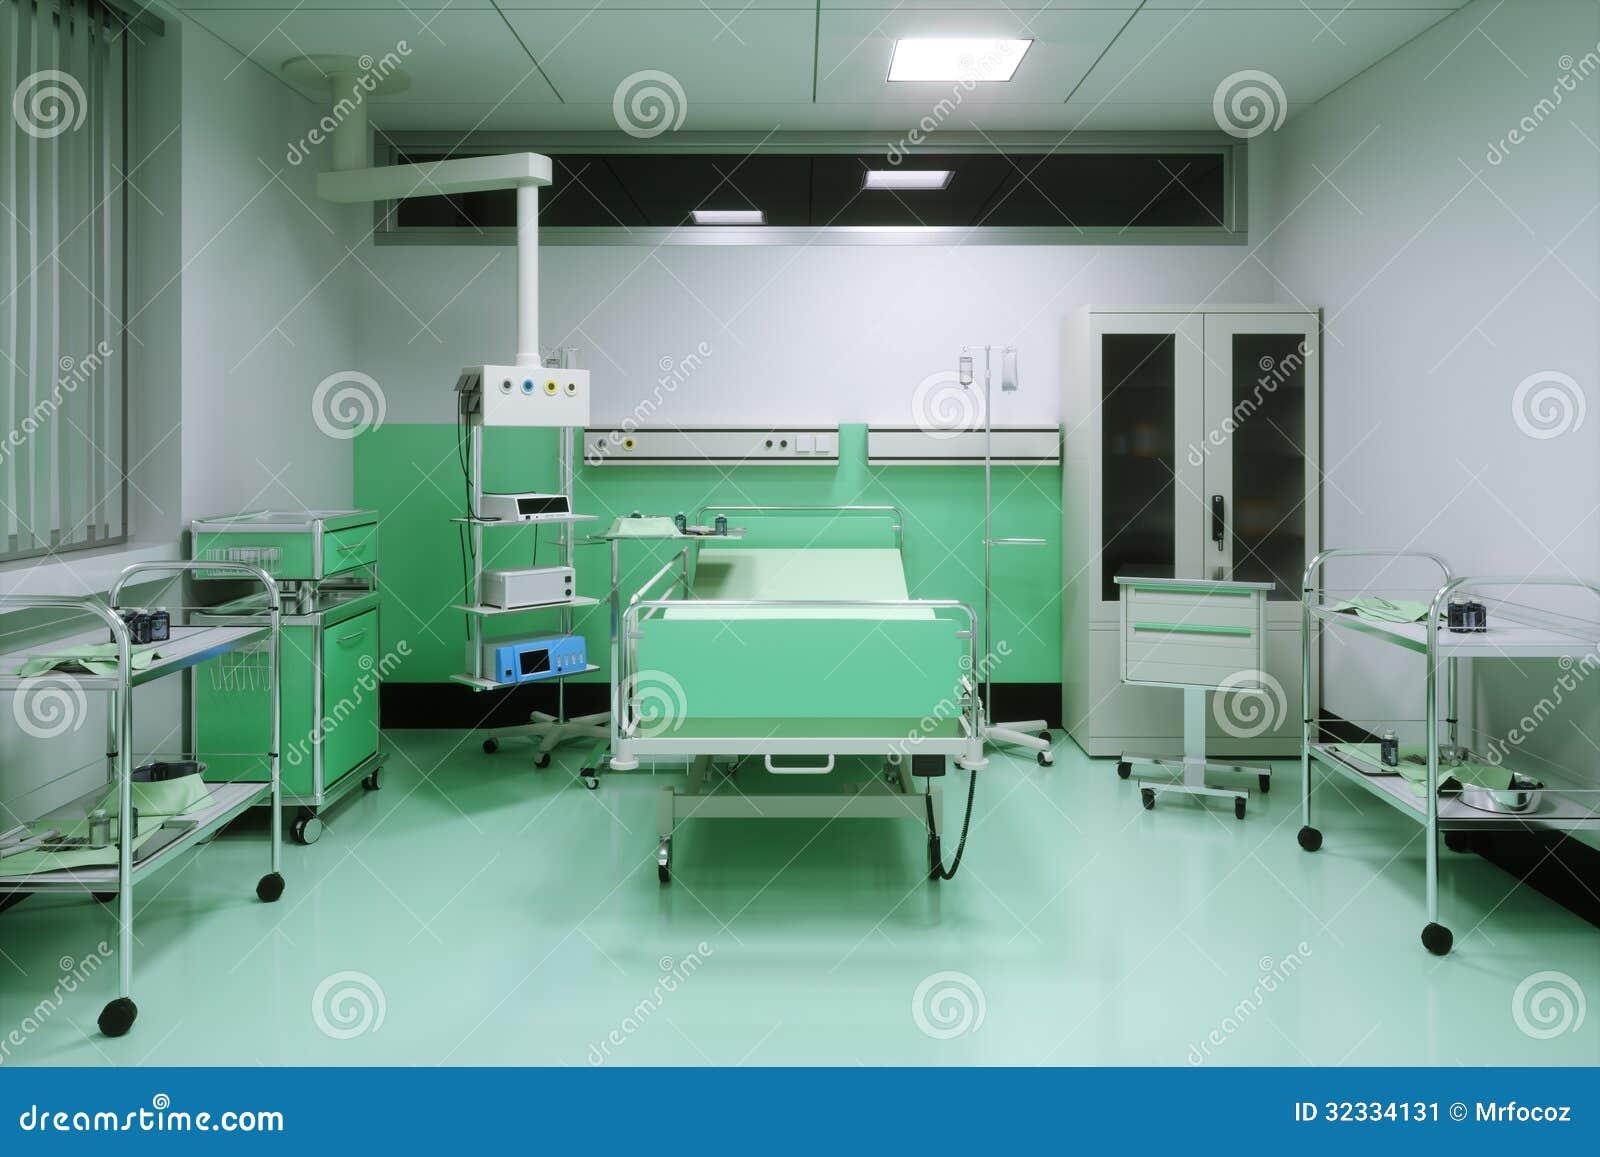 Cama vac a en un cuarto de hospital for Cuarto quirurgico